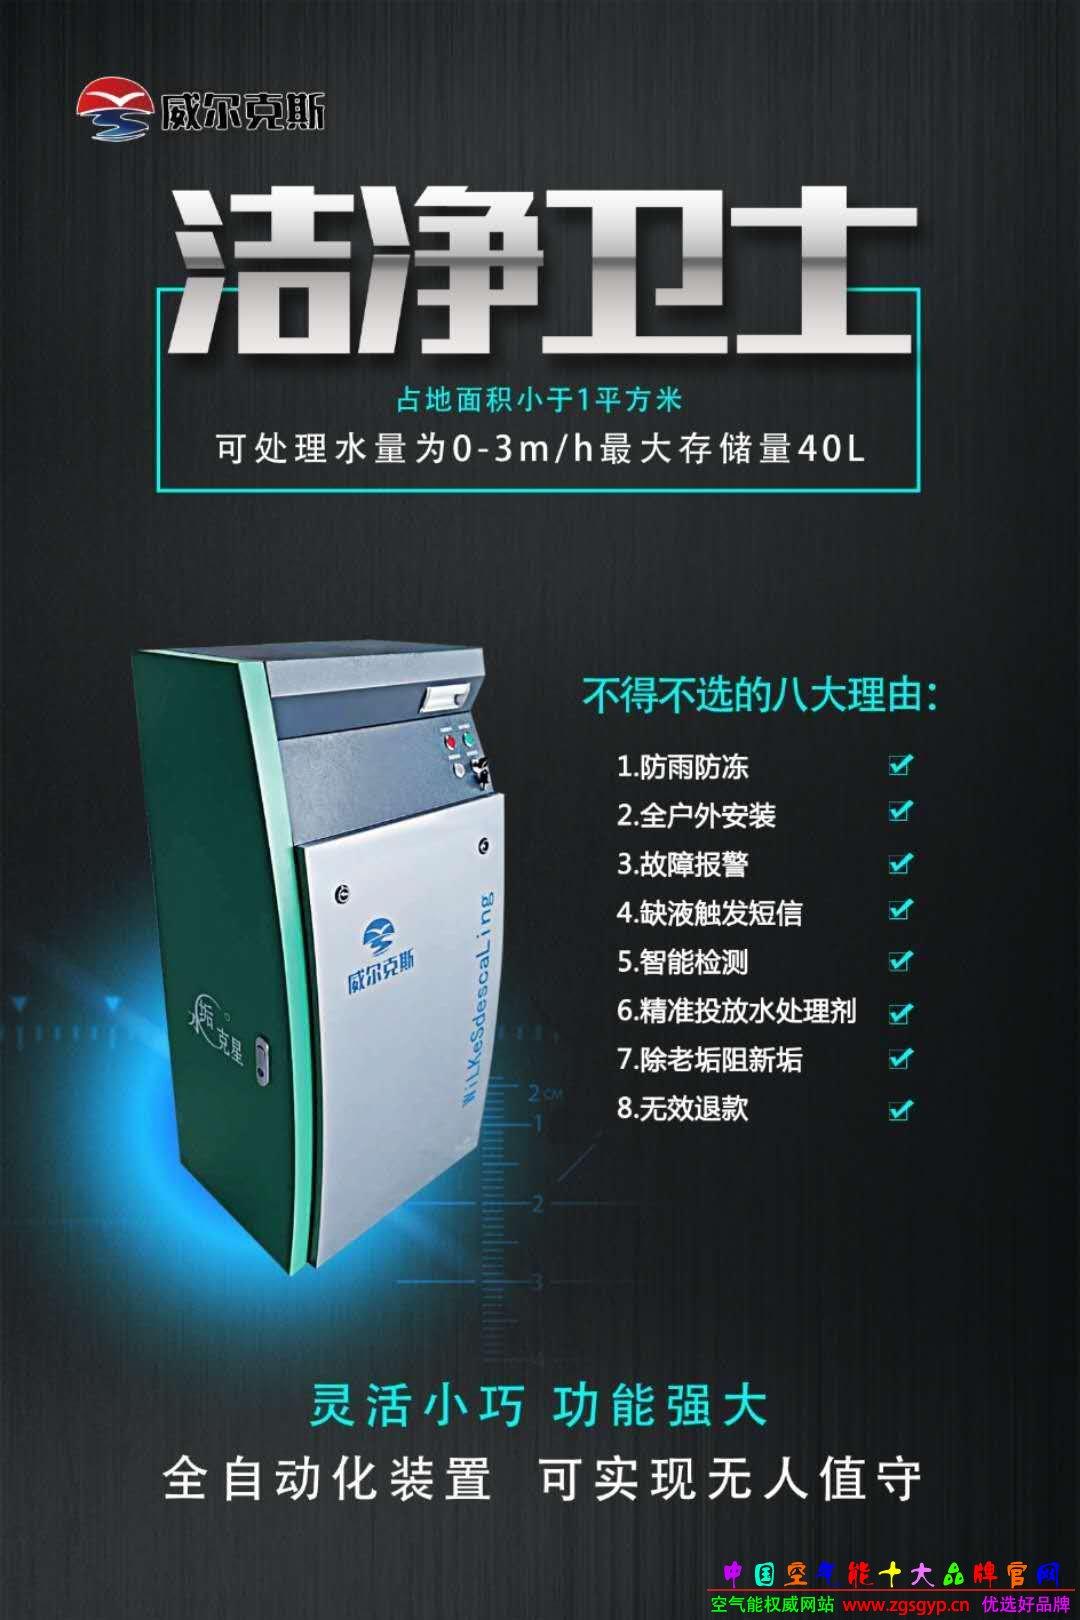 威尔克斯除垢机处理一吨水大概需要多少钱?- 「www.zgsgyp.cn」 空气能十大品牌网